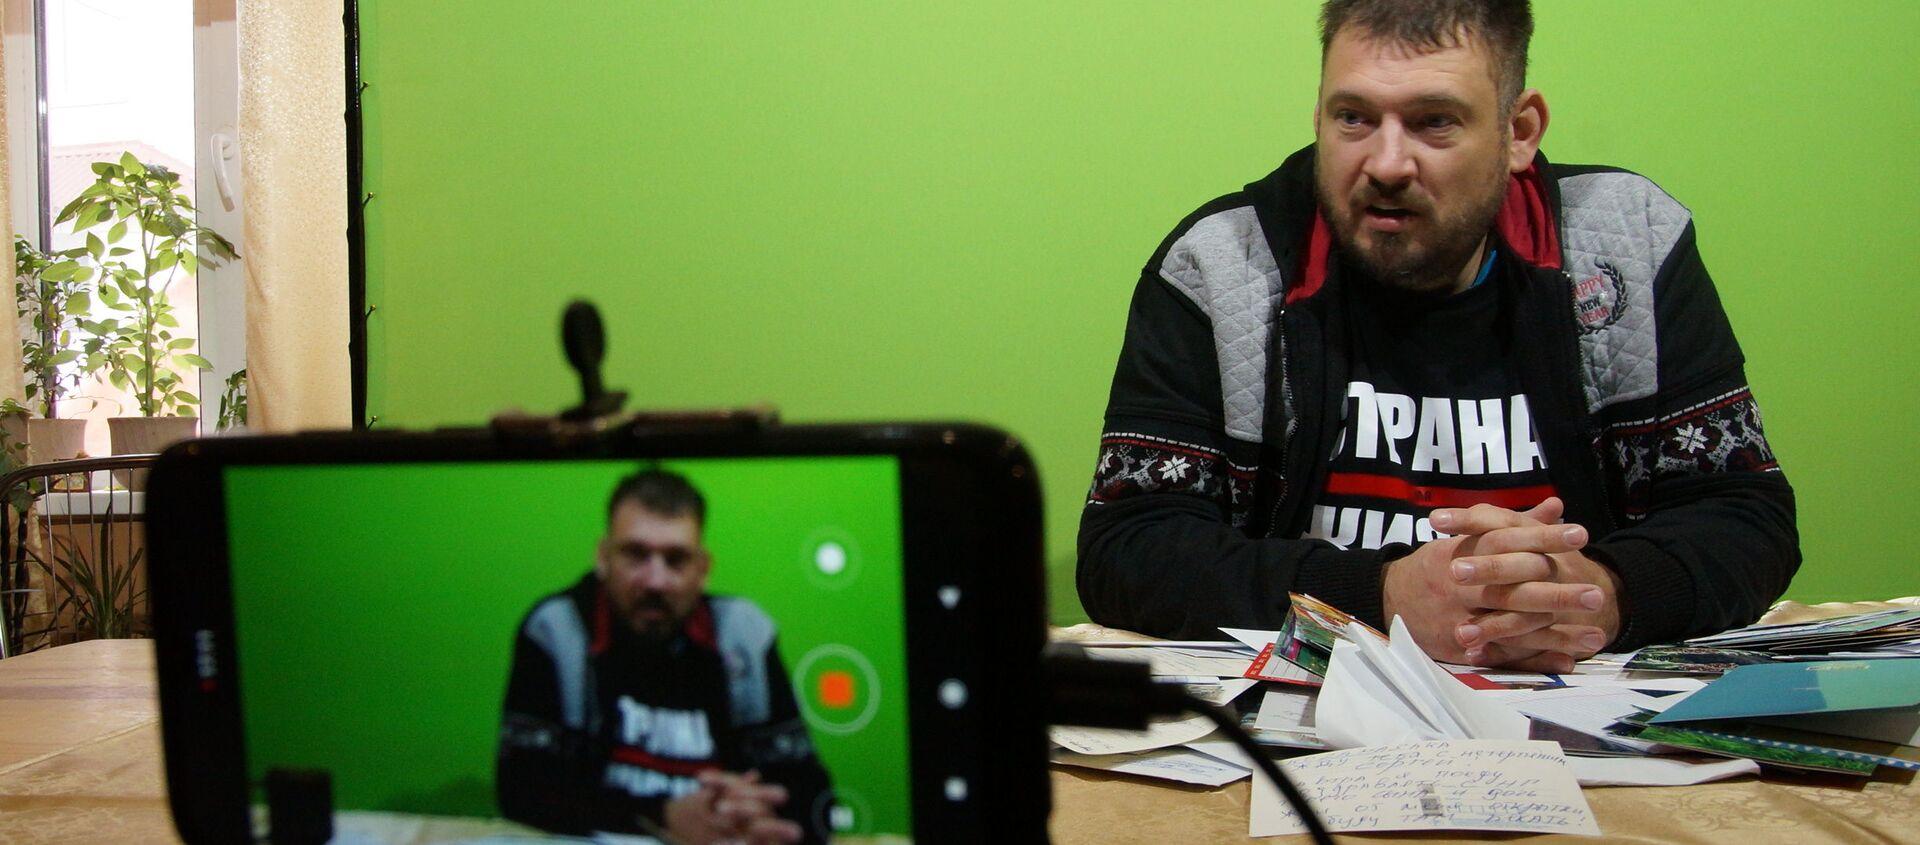 Гомельскі відэаблогер Сяргей Ціханоўскі - Sputnik Беларусь, 1920, 04.03.2021